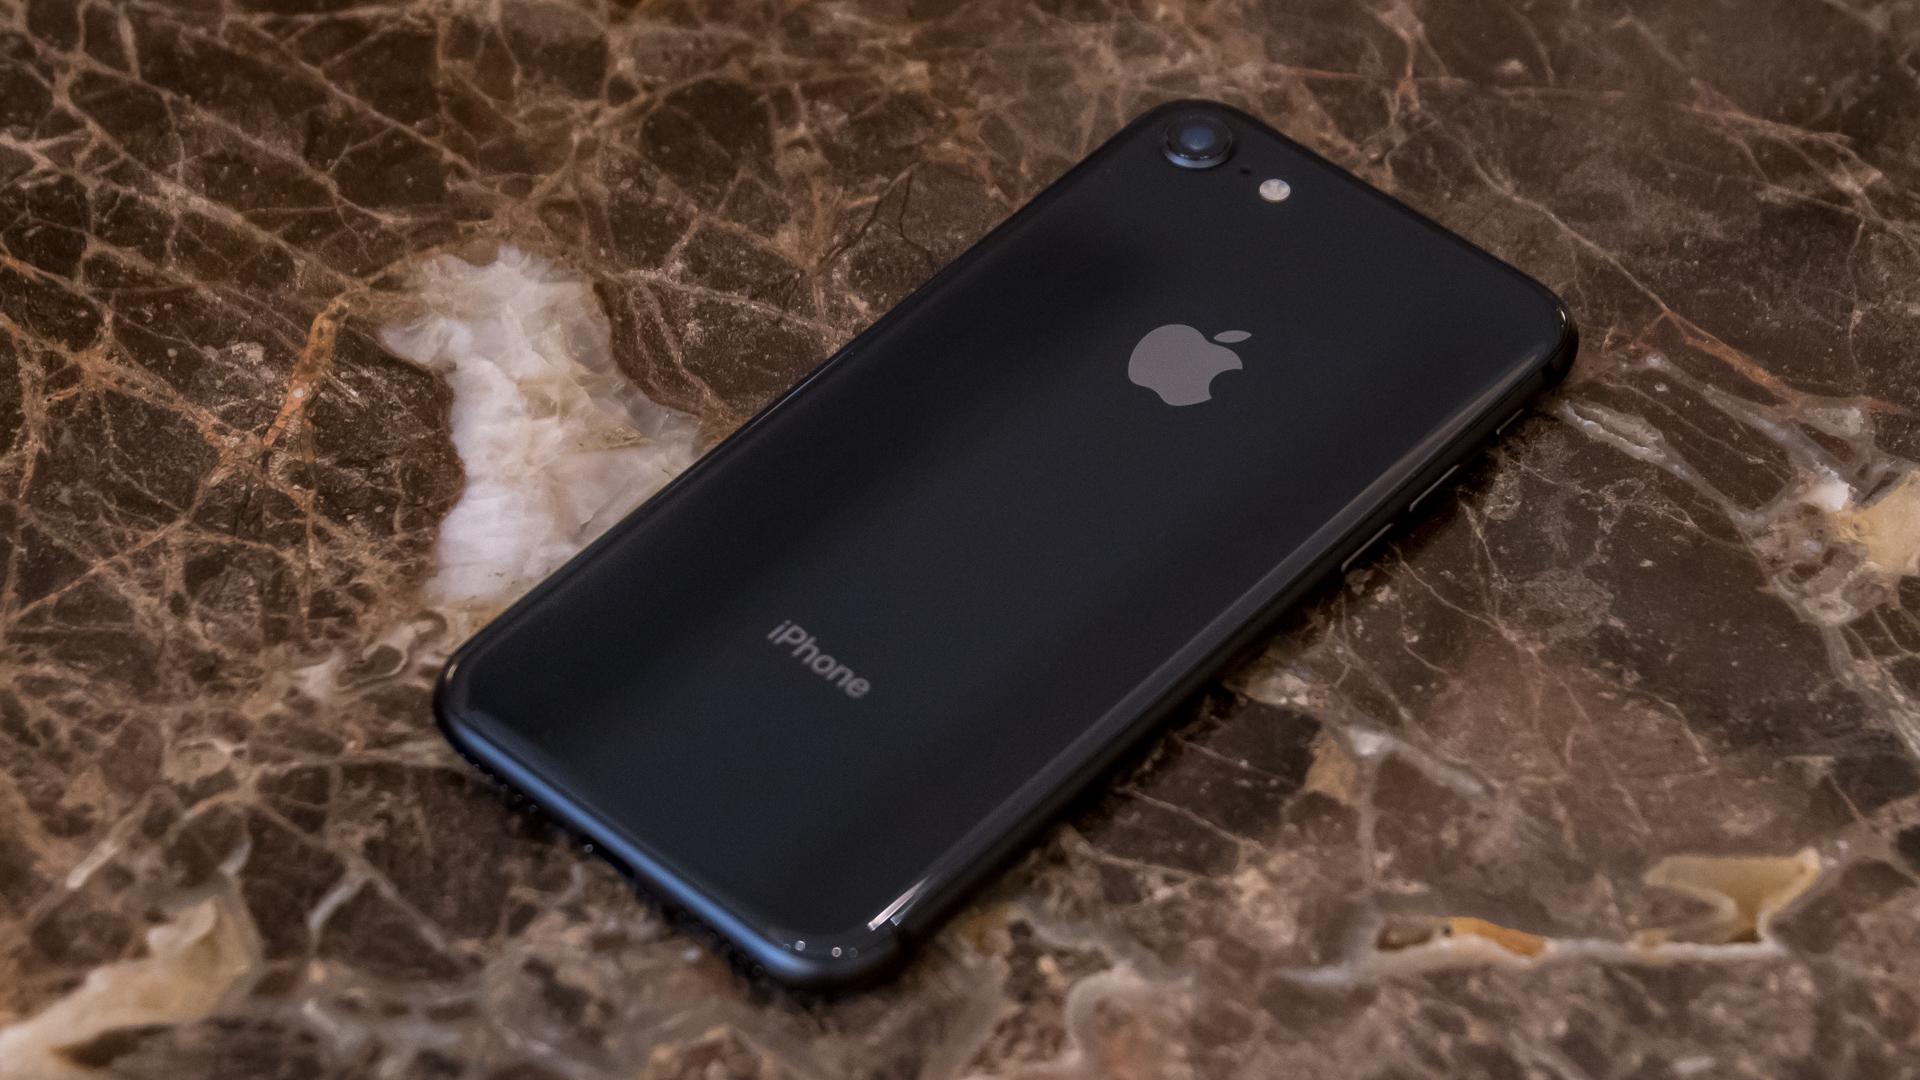 iPhone 8 スペースグレイ フォトレビュー。両面ガラスのデザインはまぁまぁ